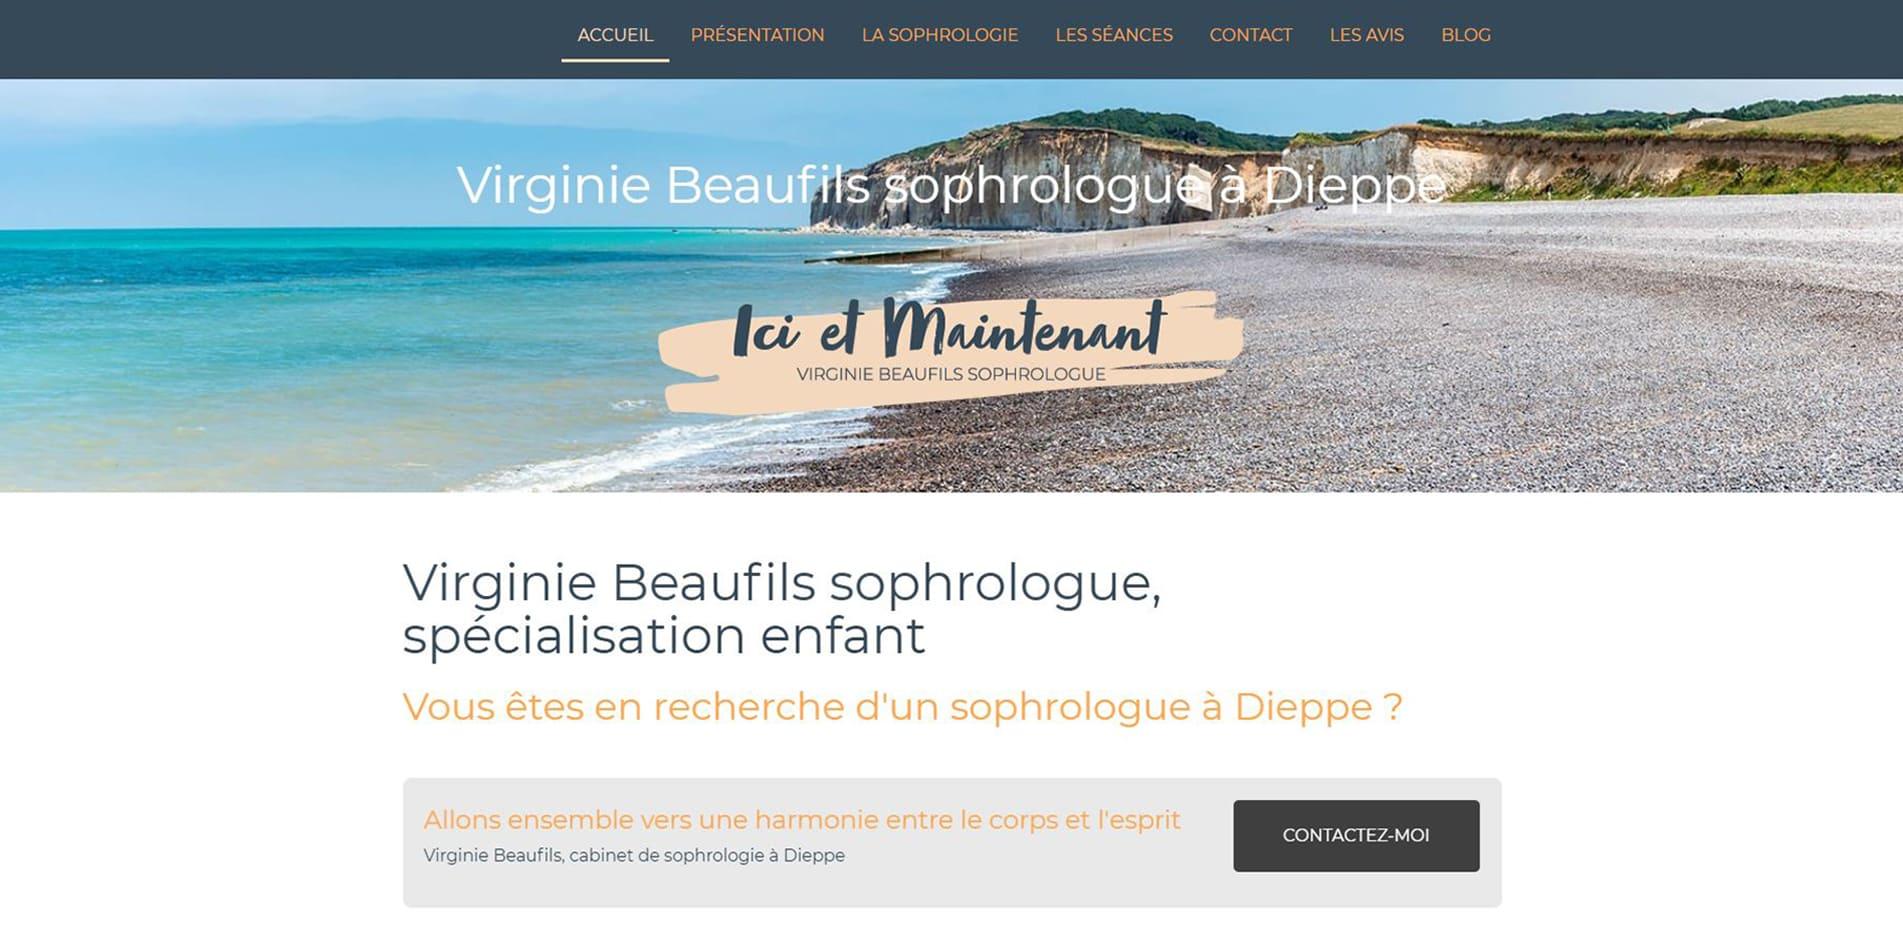 Page d'accueil du site de Virginie Beaufils sophrologie à Dieppe